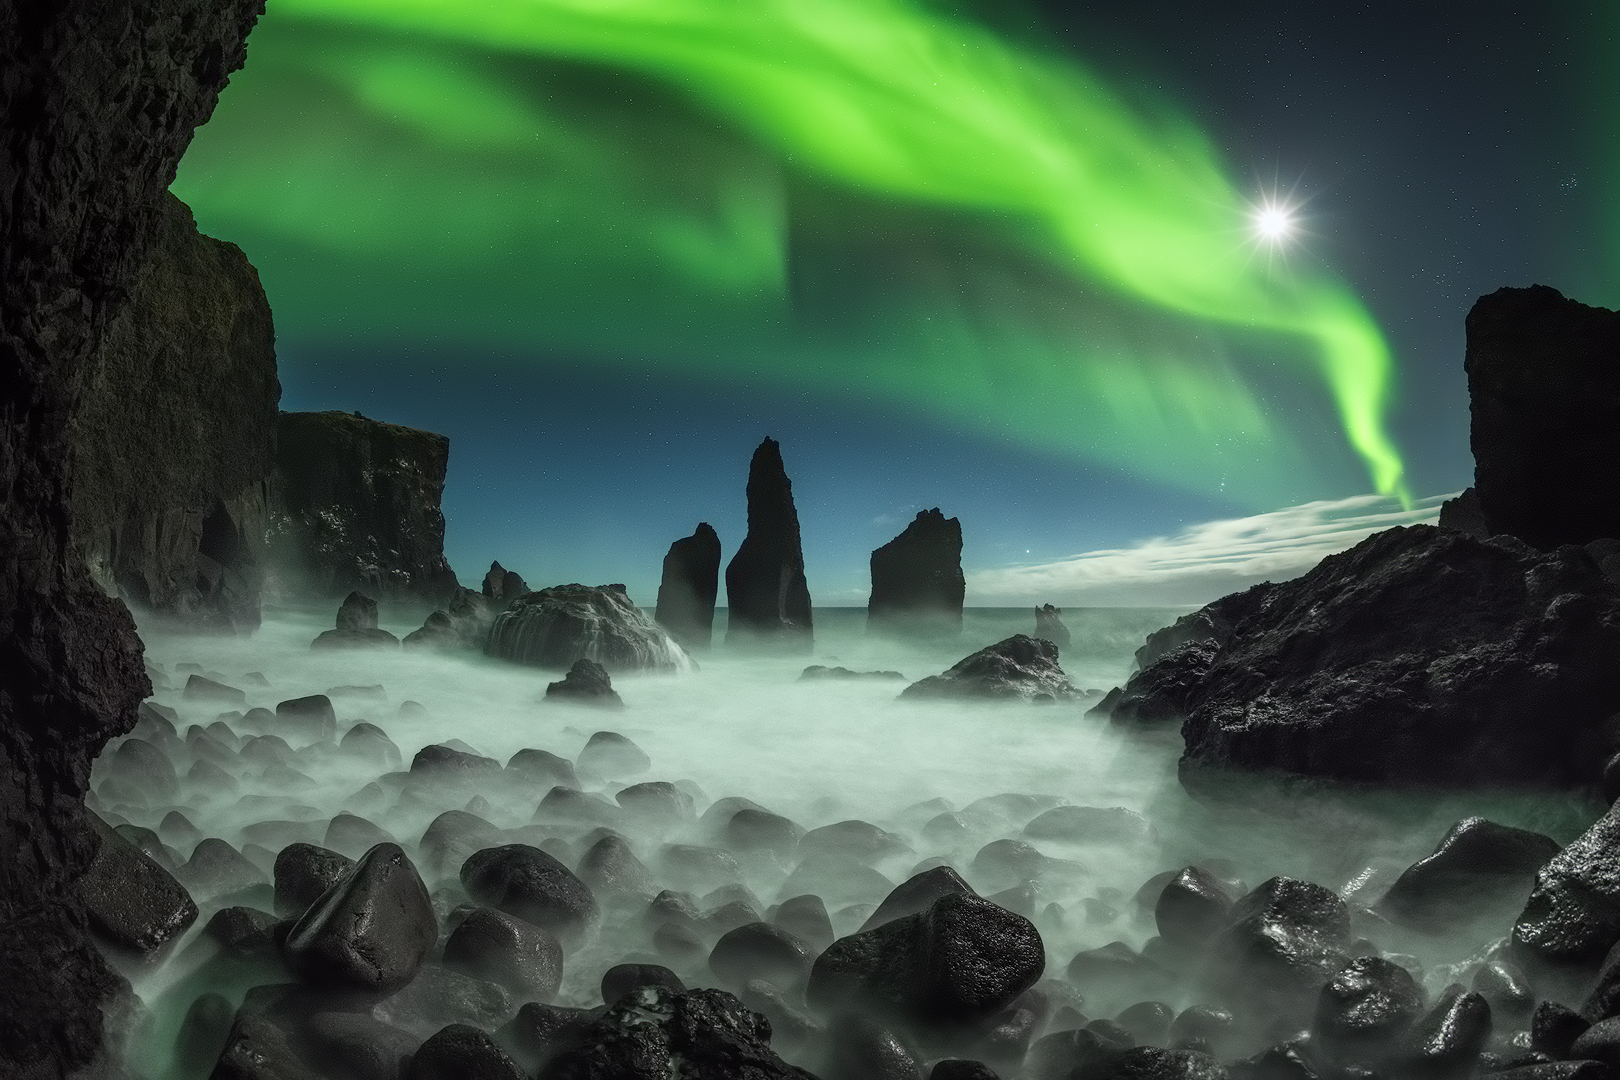 北极光在雷克雅内斯半岛(Reykjanes)的深色岩石上空翩翩起舞。